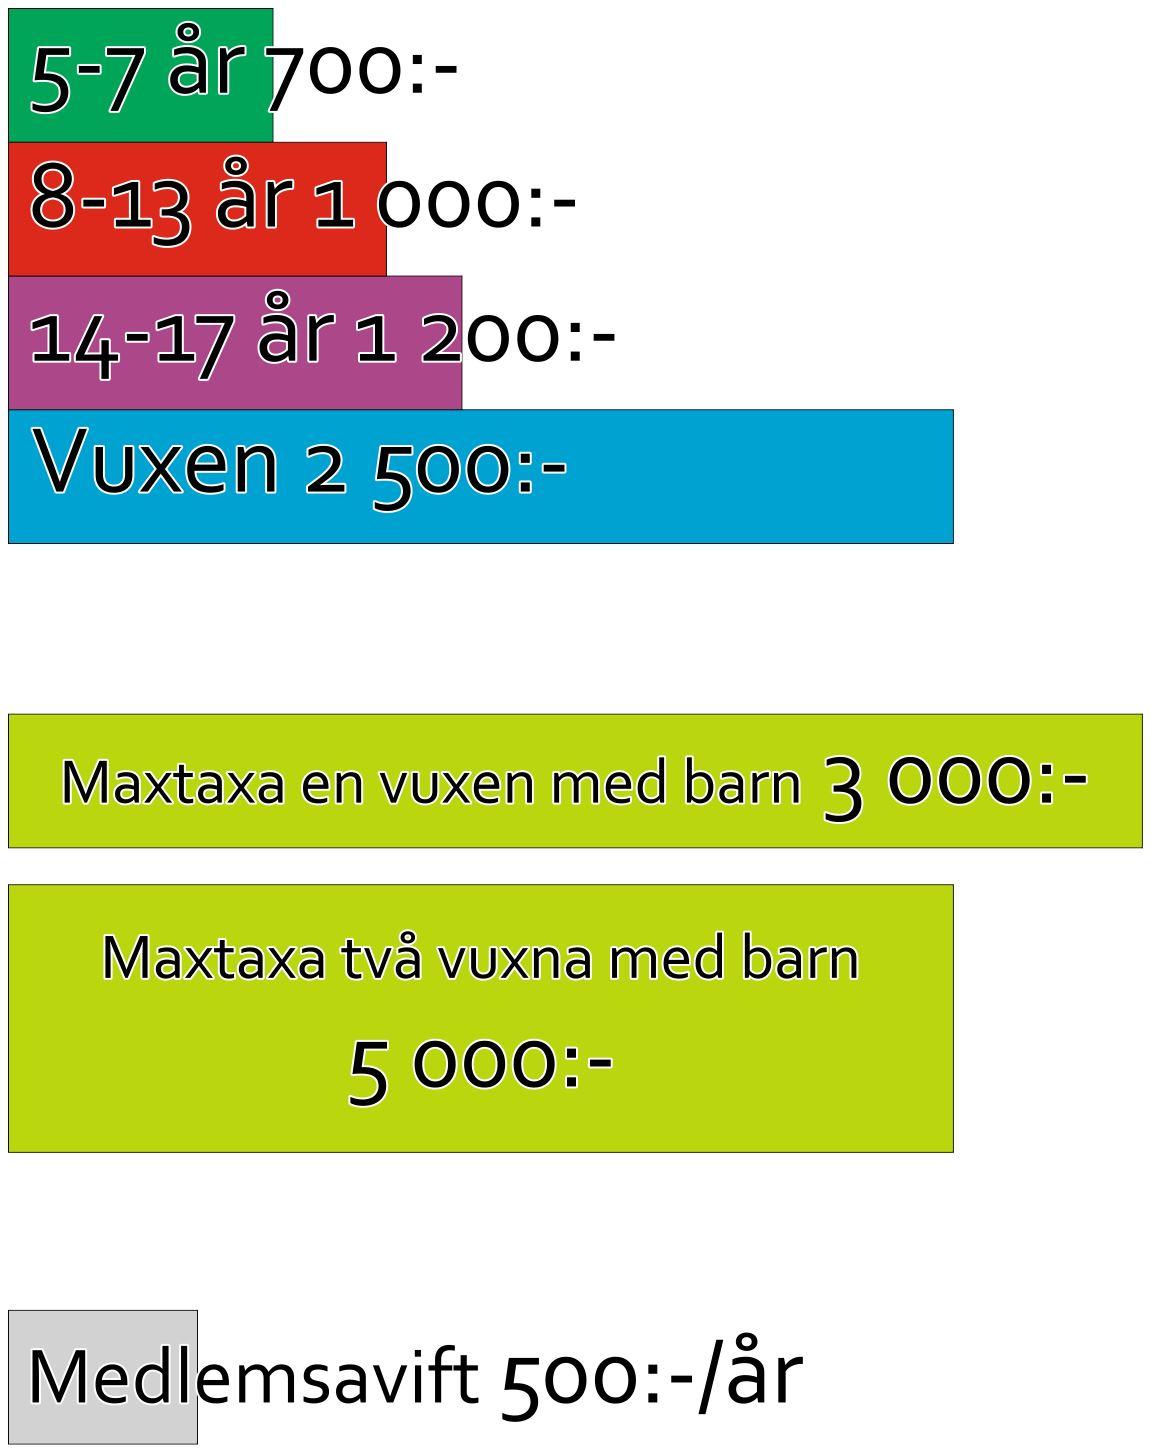 Bild som beskriver avgifterna